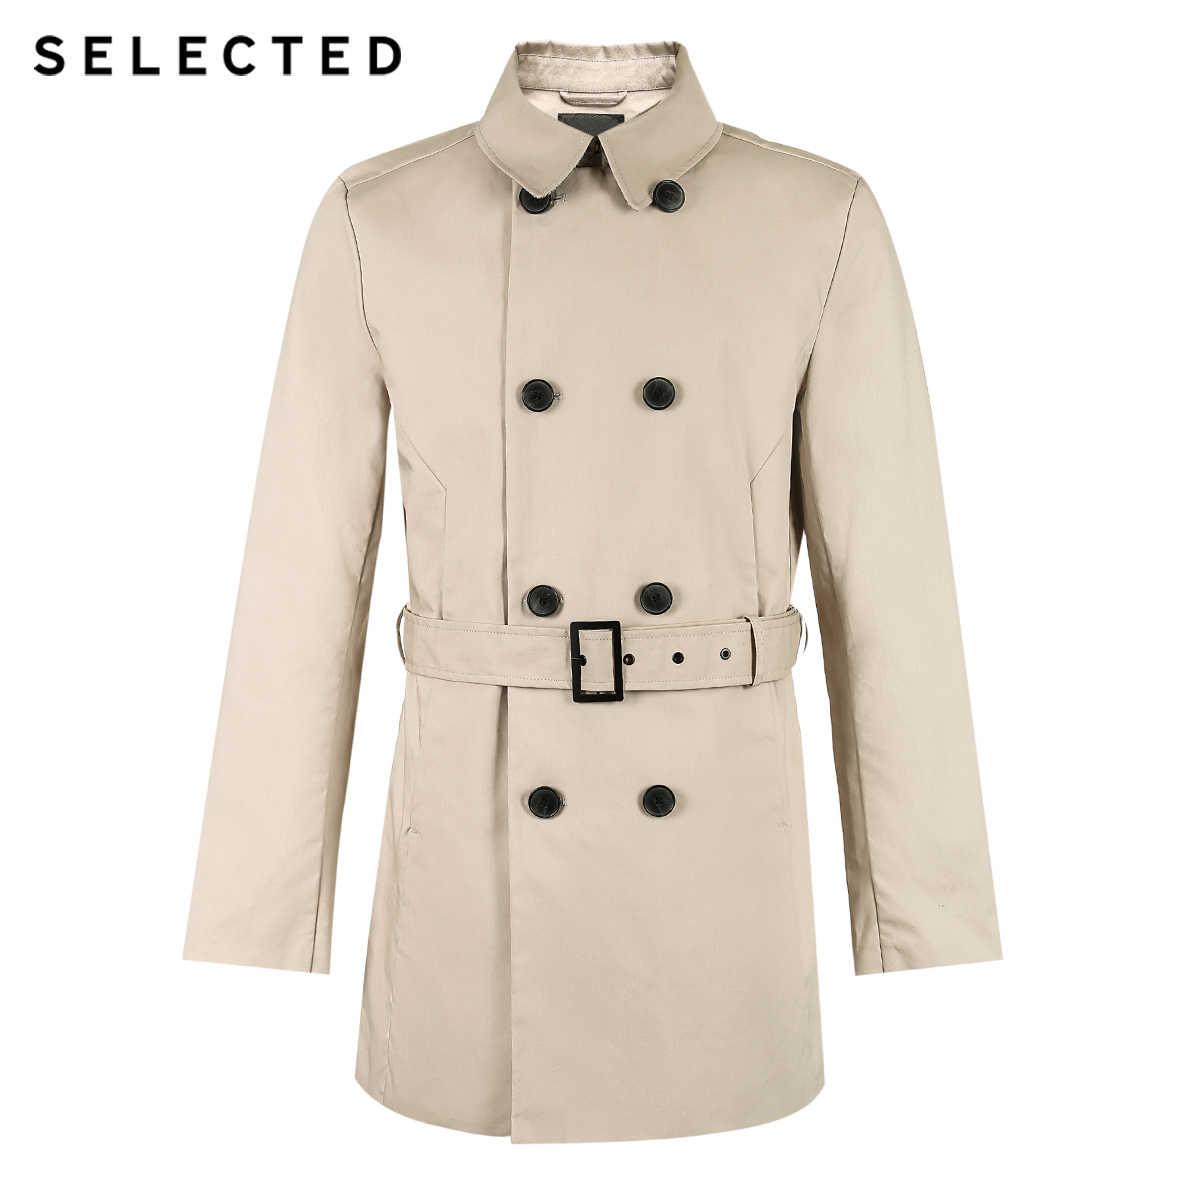 選択新綿ダブルブレストウインドブレーカーファッションマント服ラペルビジネスロングコートメンズジャケット T | 4183OM502